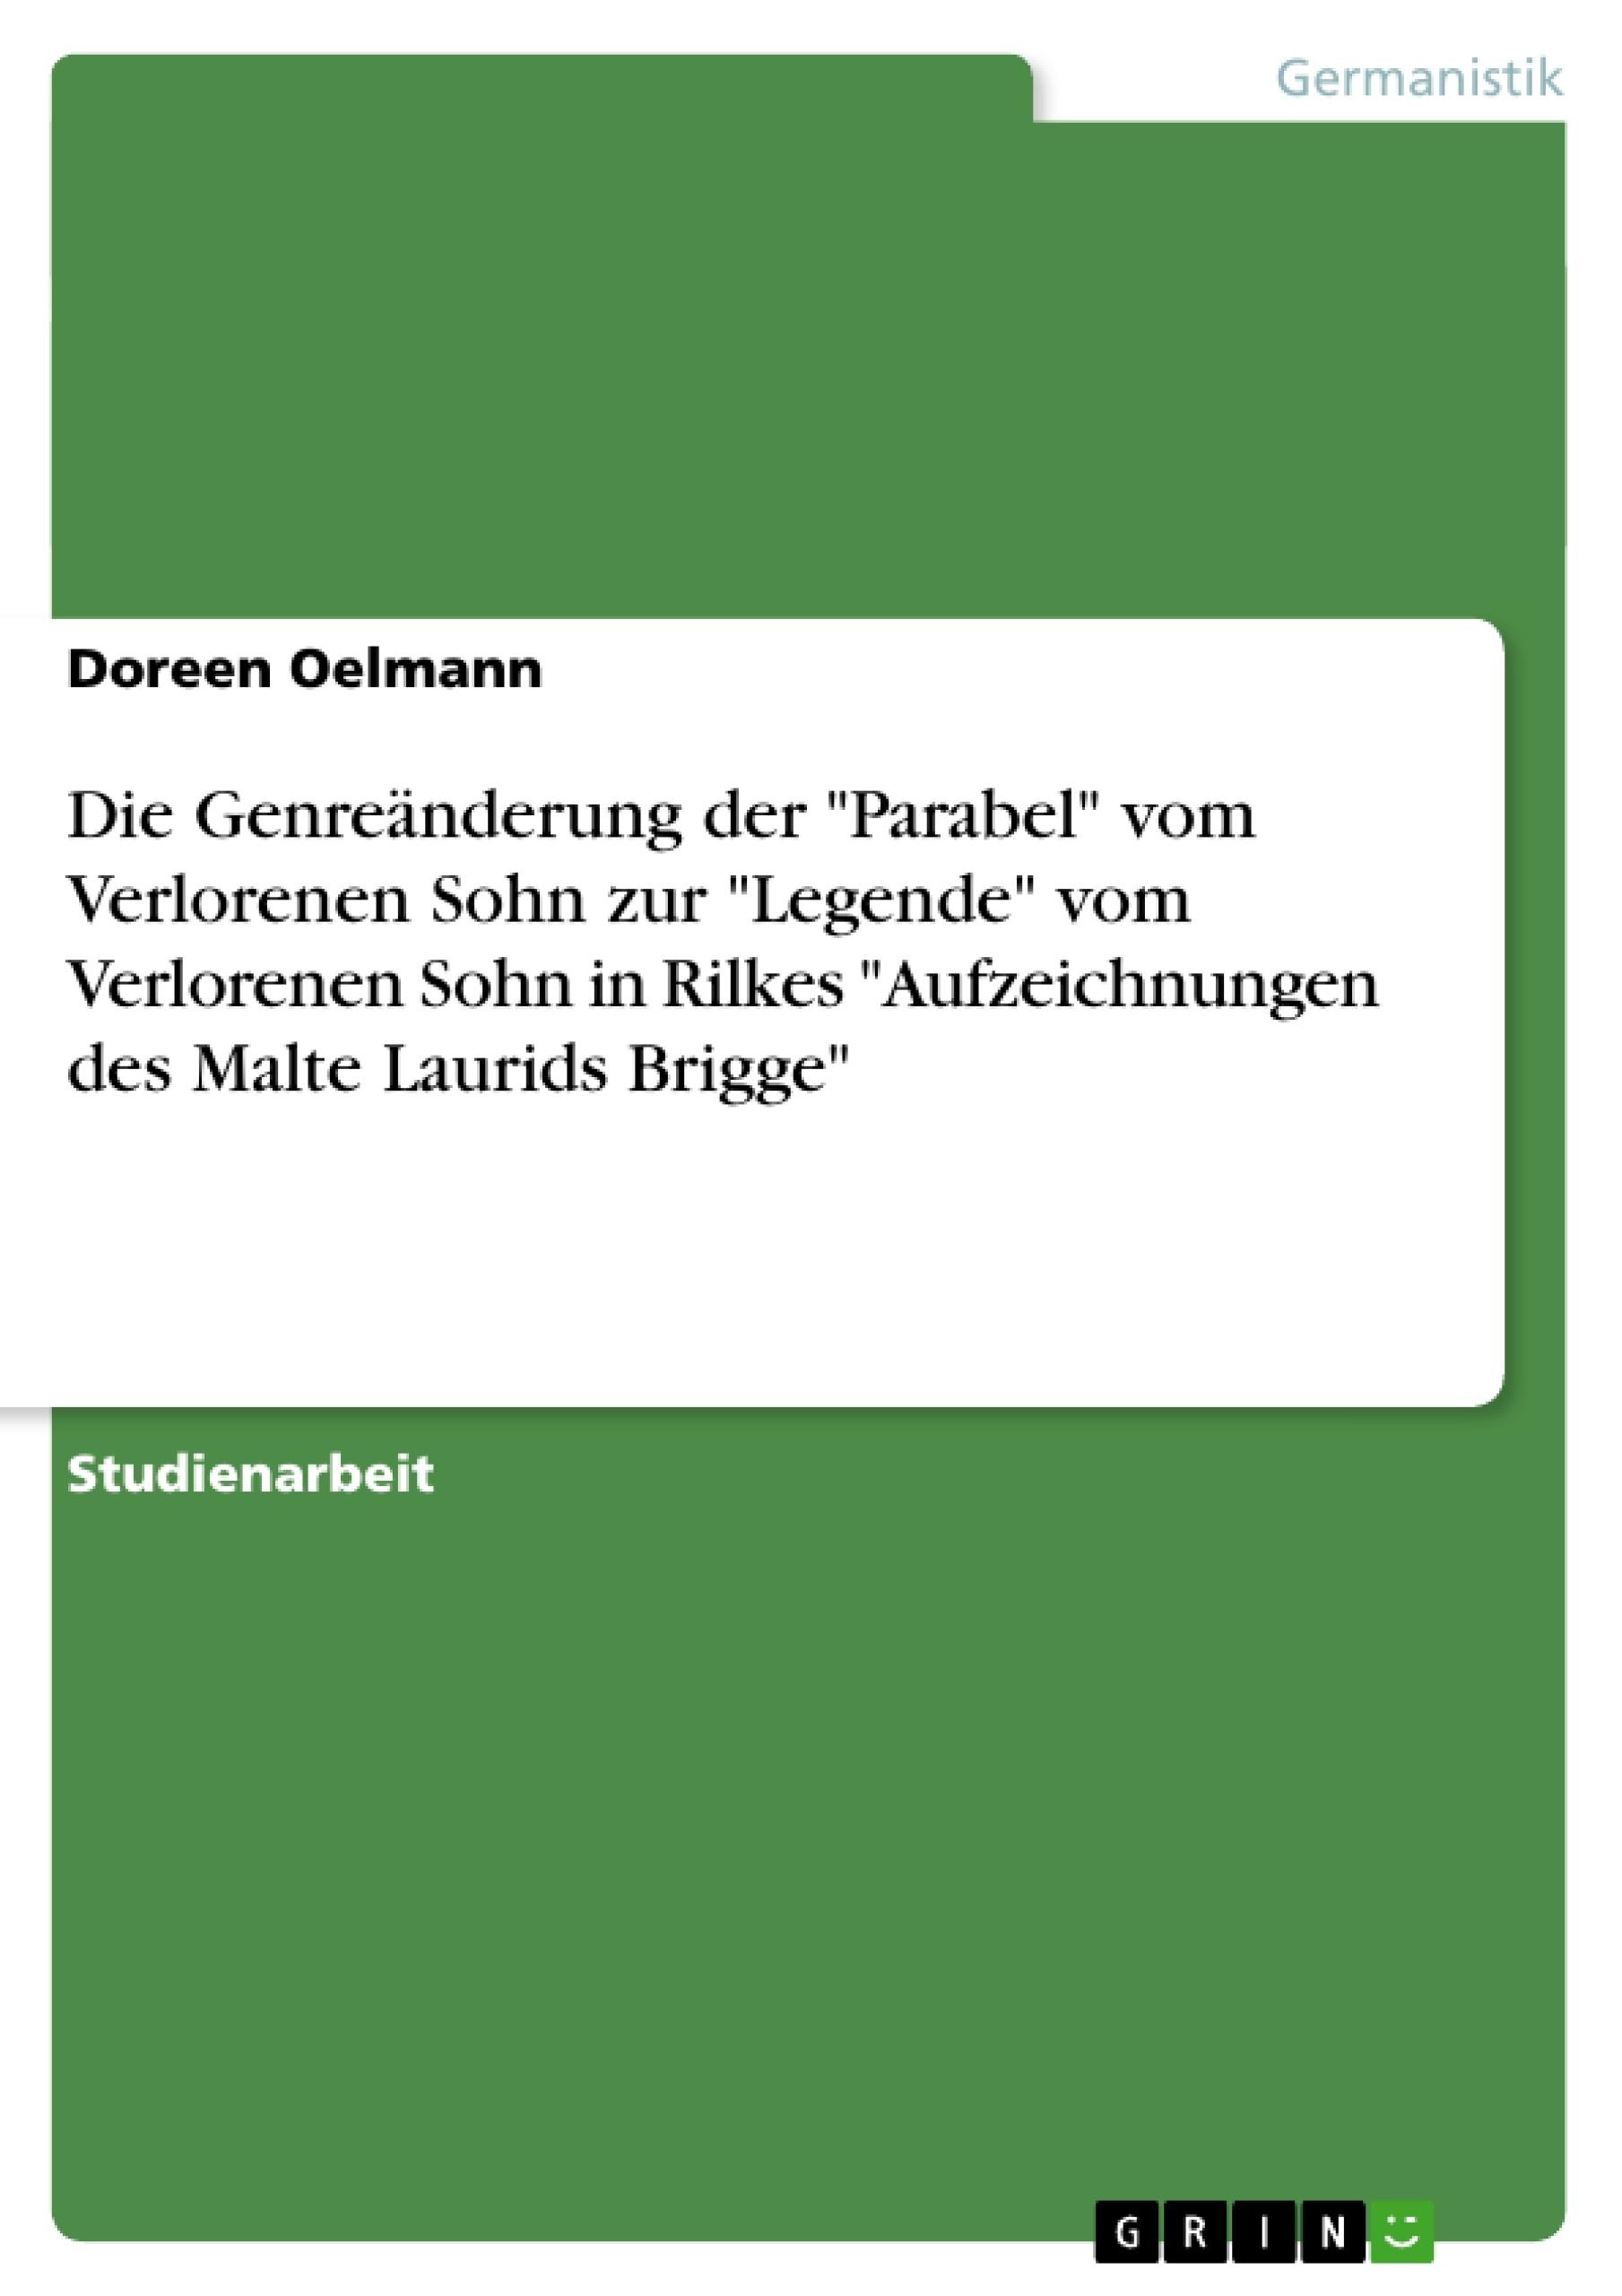 """Titel: Die Genreänderung der """"Parabel"""" vom Verlorenen Sohn zur """"Legende"""" vom Verlorenen Sohn in Rilkes """"Aufzeichnungen des Malte Laurids Brigge"""""""